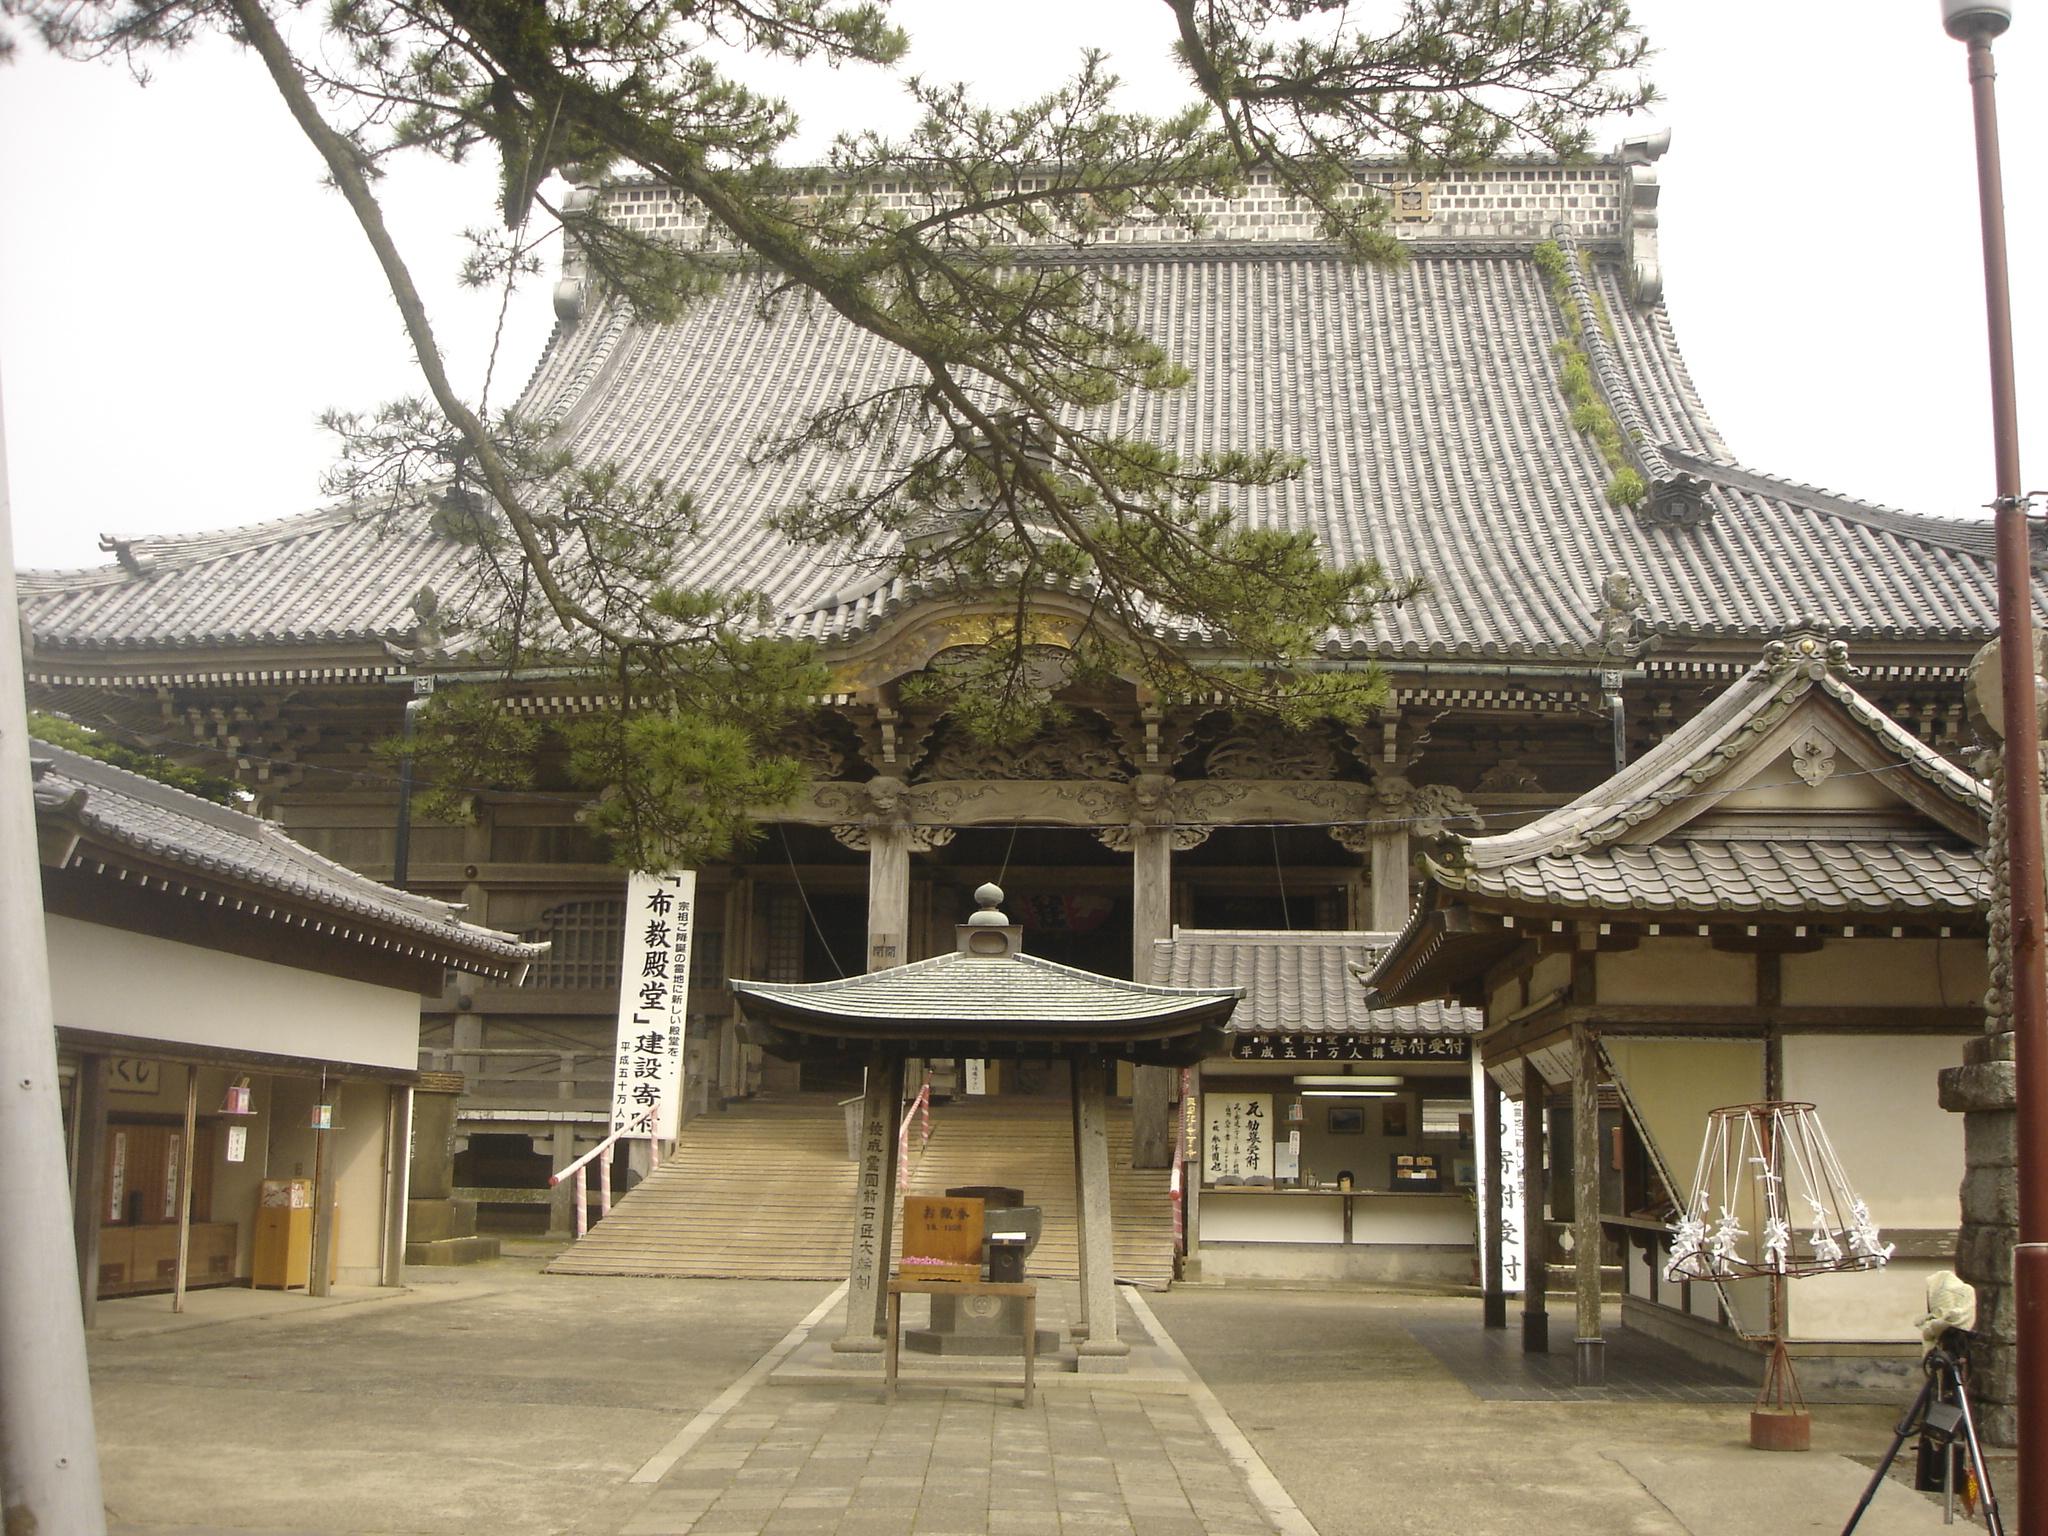 誕生寺 (鴨川市)